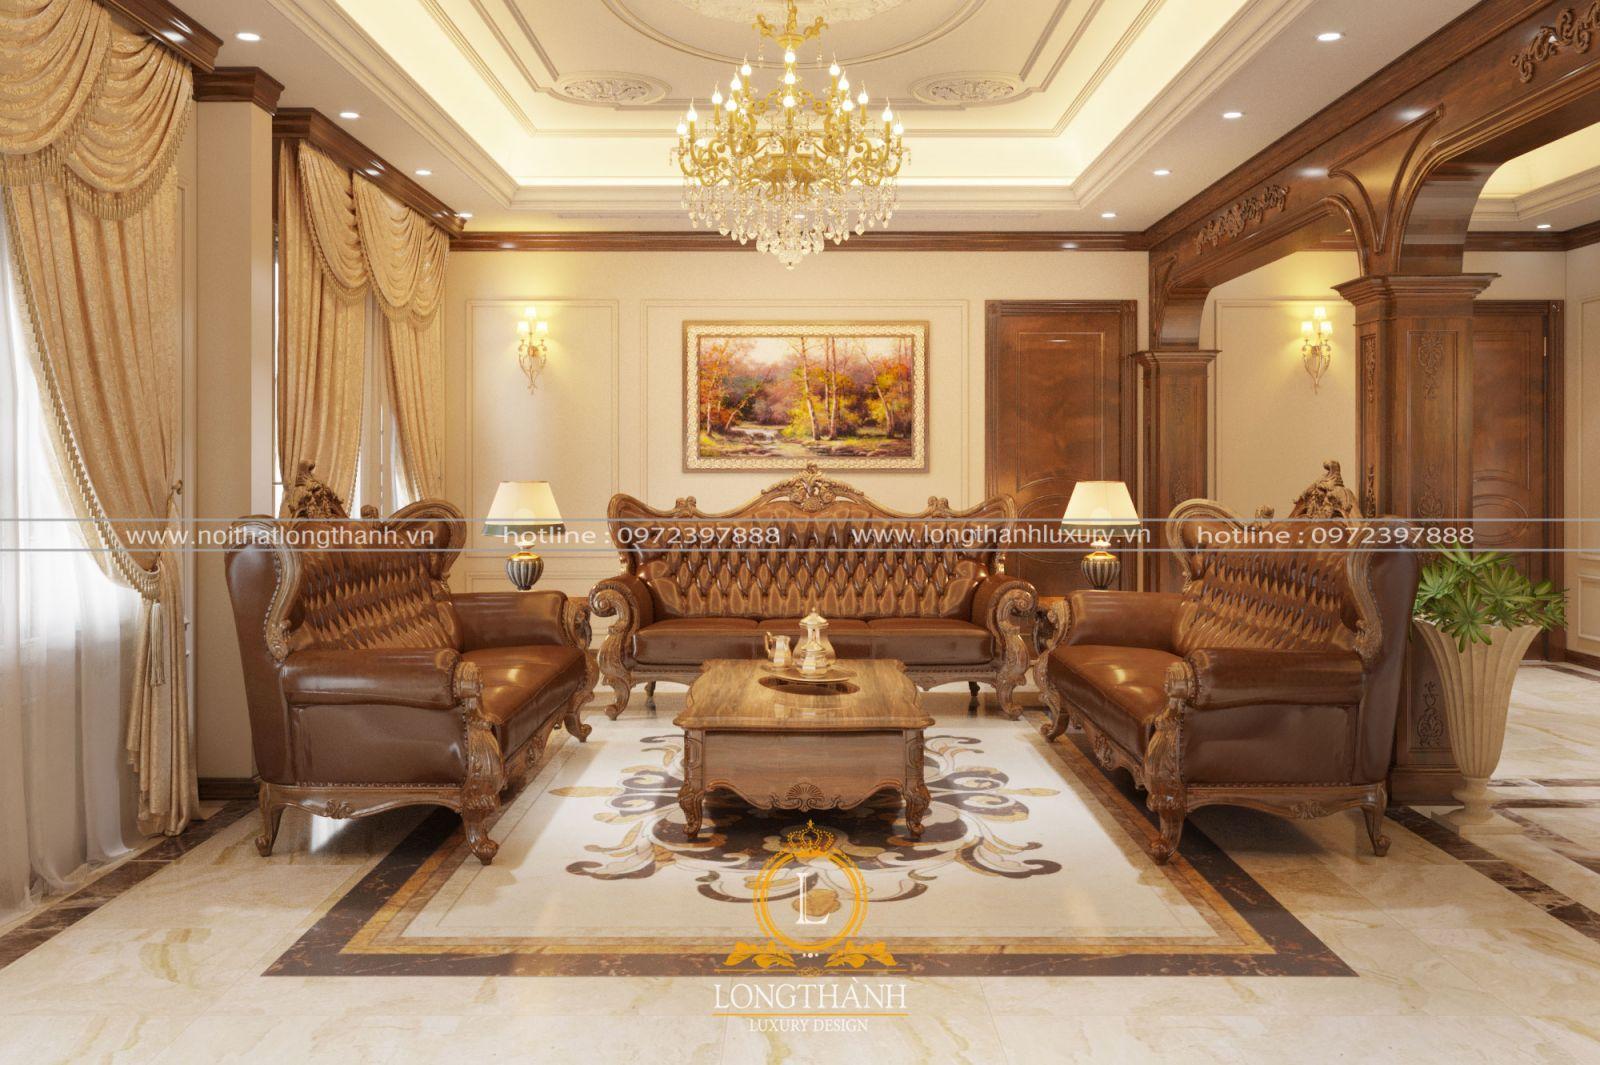 Siêu thị sofa tân cổ điển Long Thành tại Hà Nội